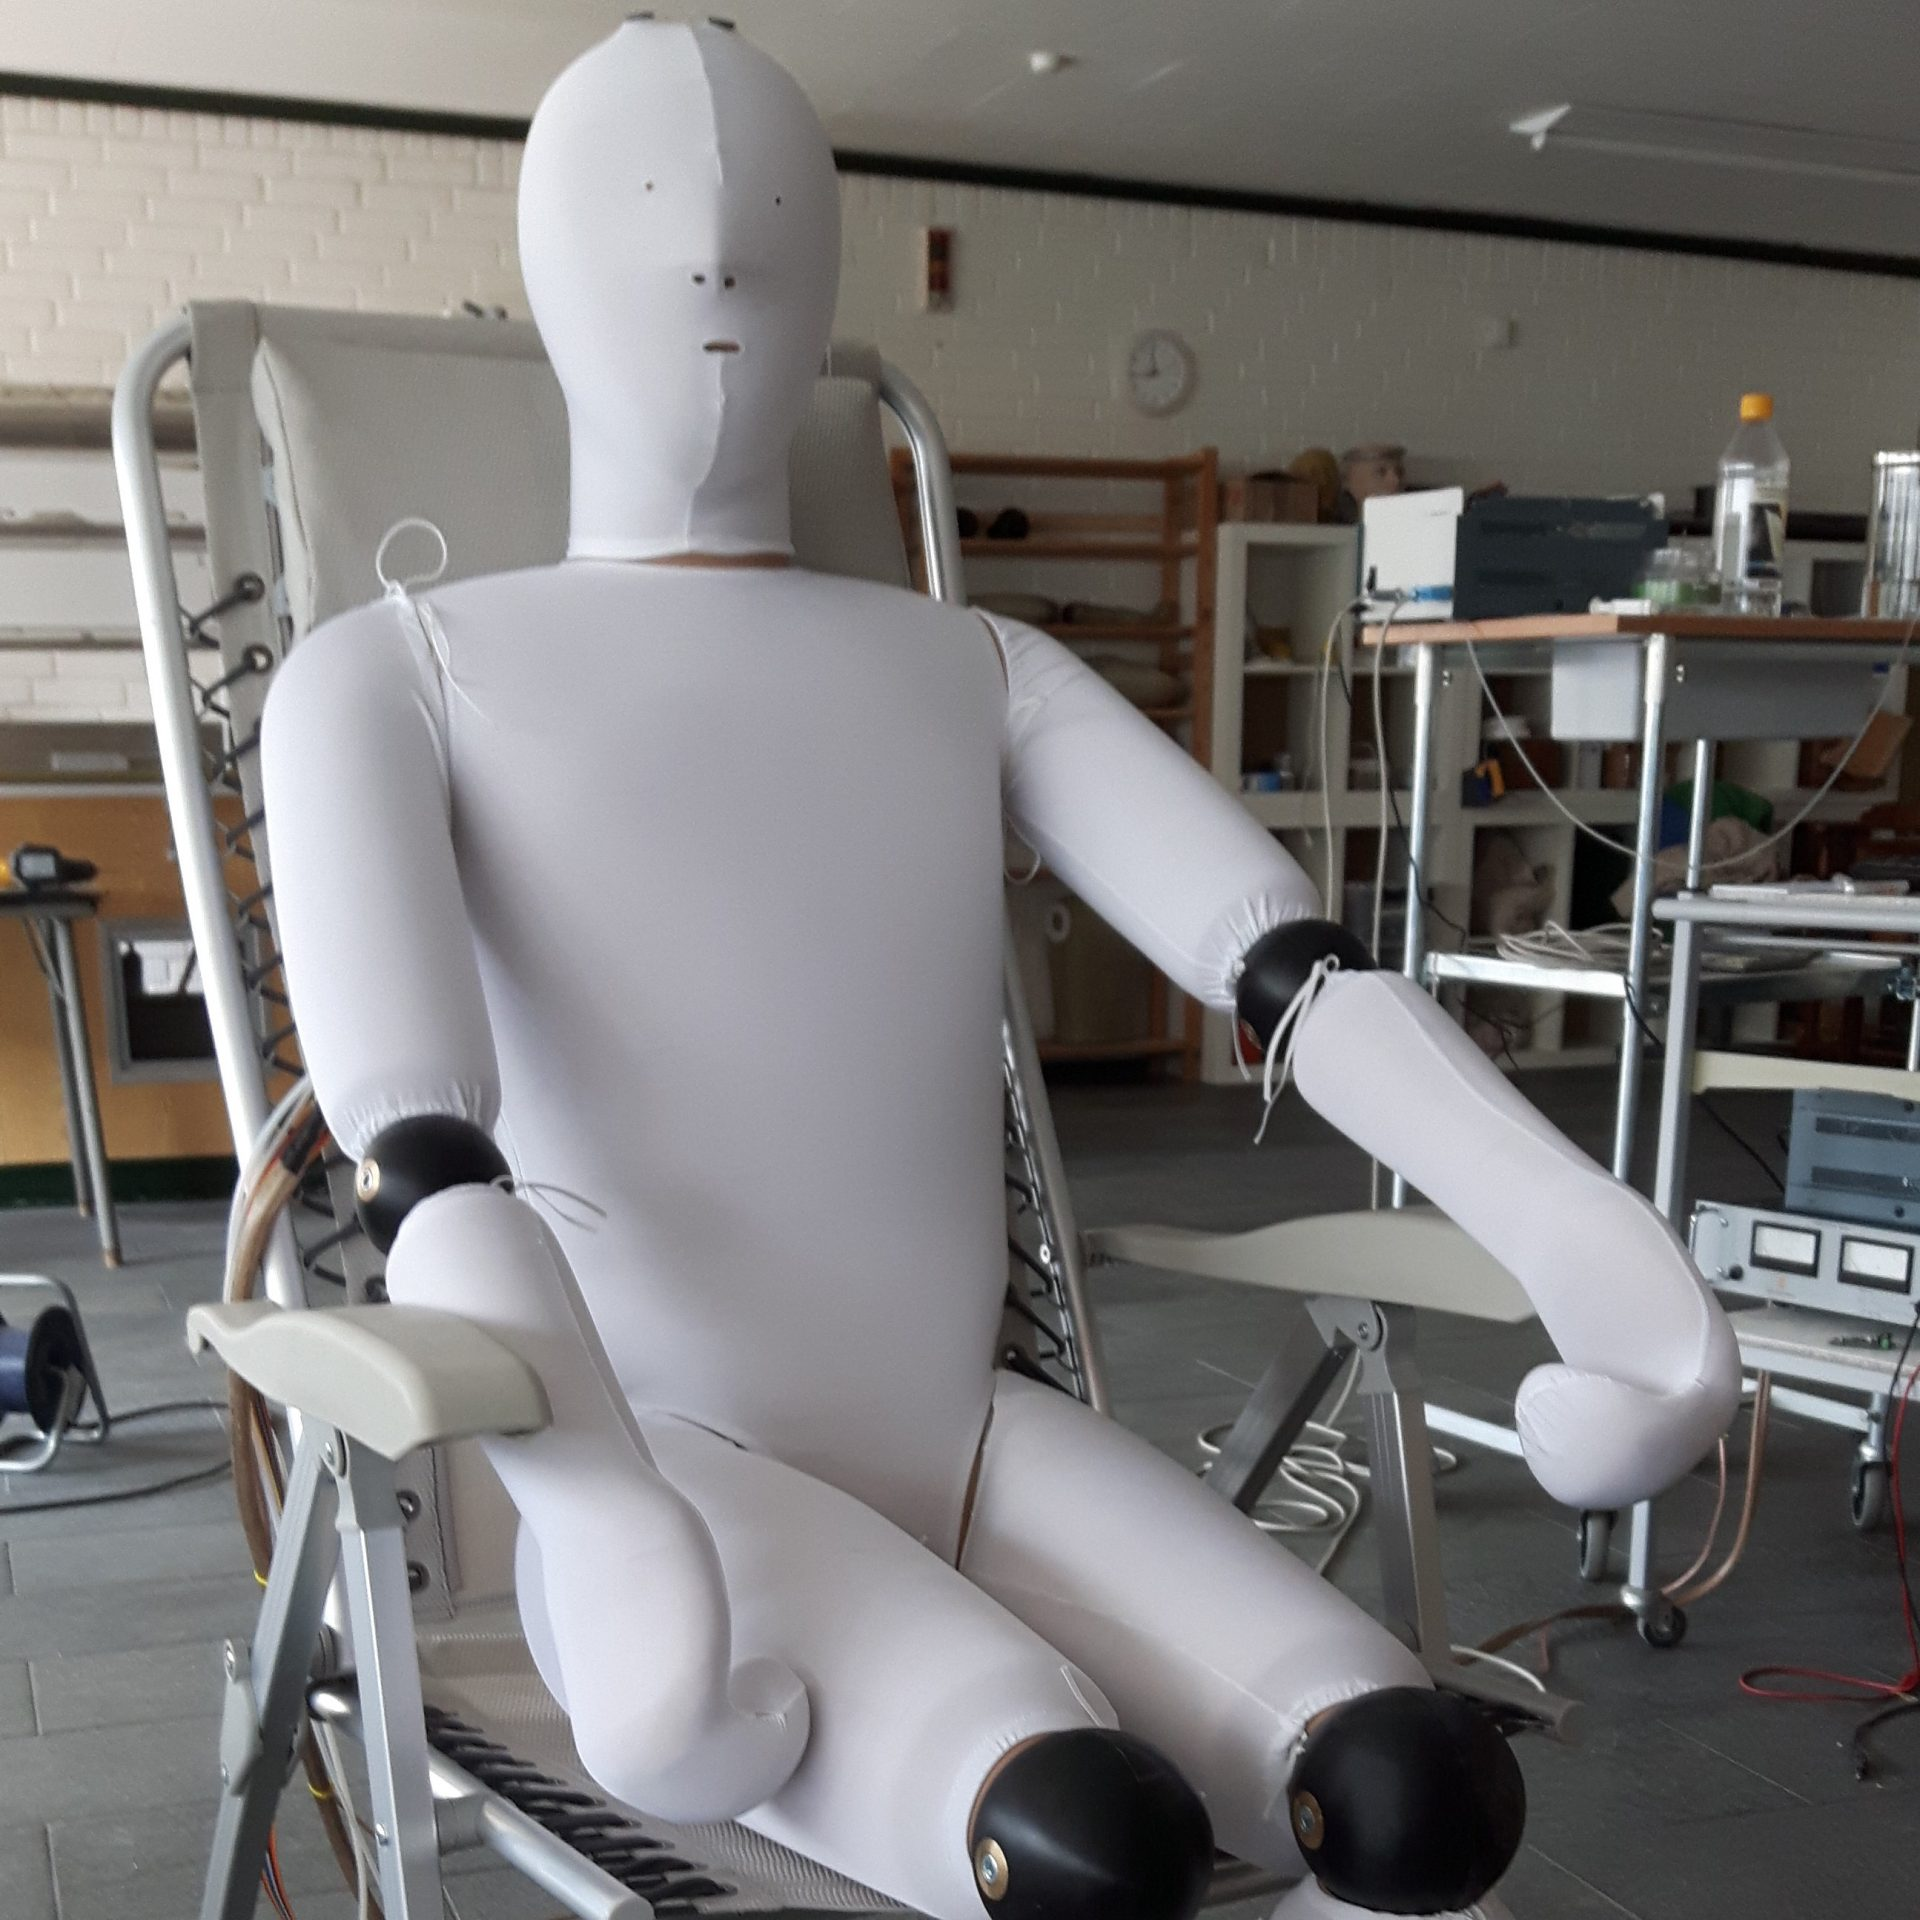 Sweating manikin sitting in chair